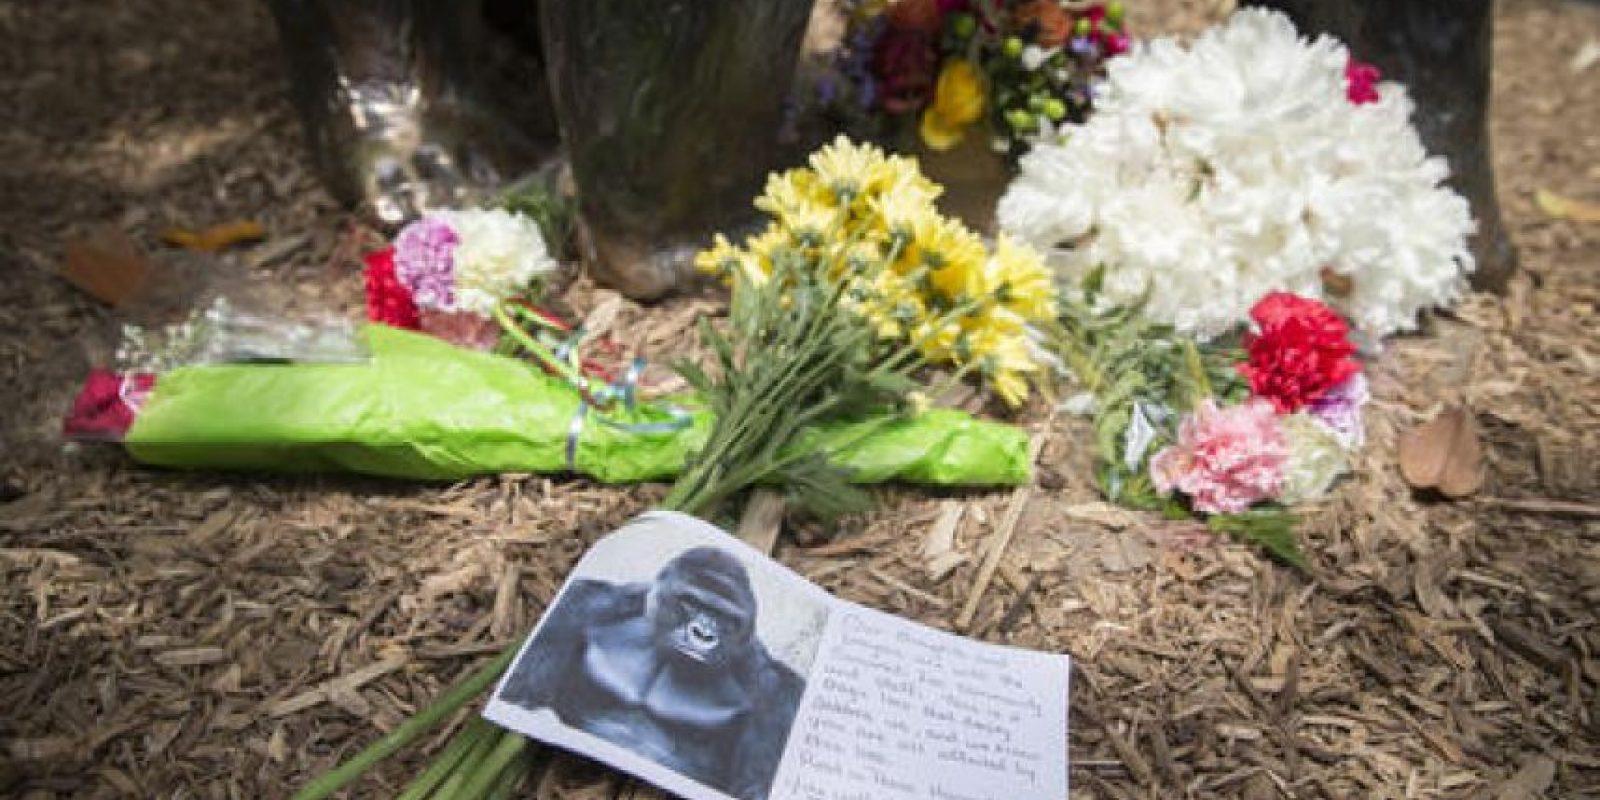 Las autoridades del zoológico intentaron no quitarle la vida, pero el efecto retrasado de los dardos tranquilizante hicieron que se decidiera sacrificarlo. Foto:AP